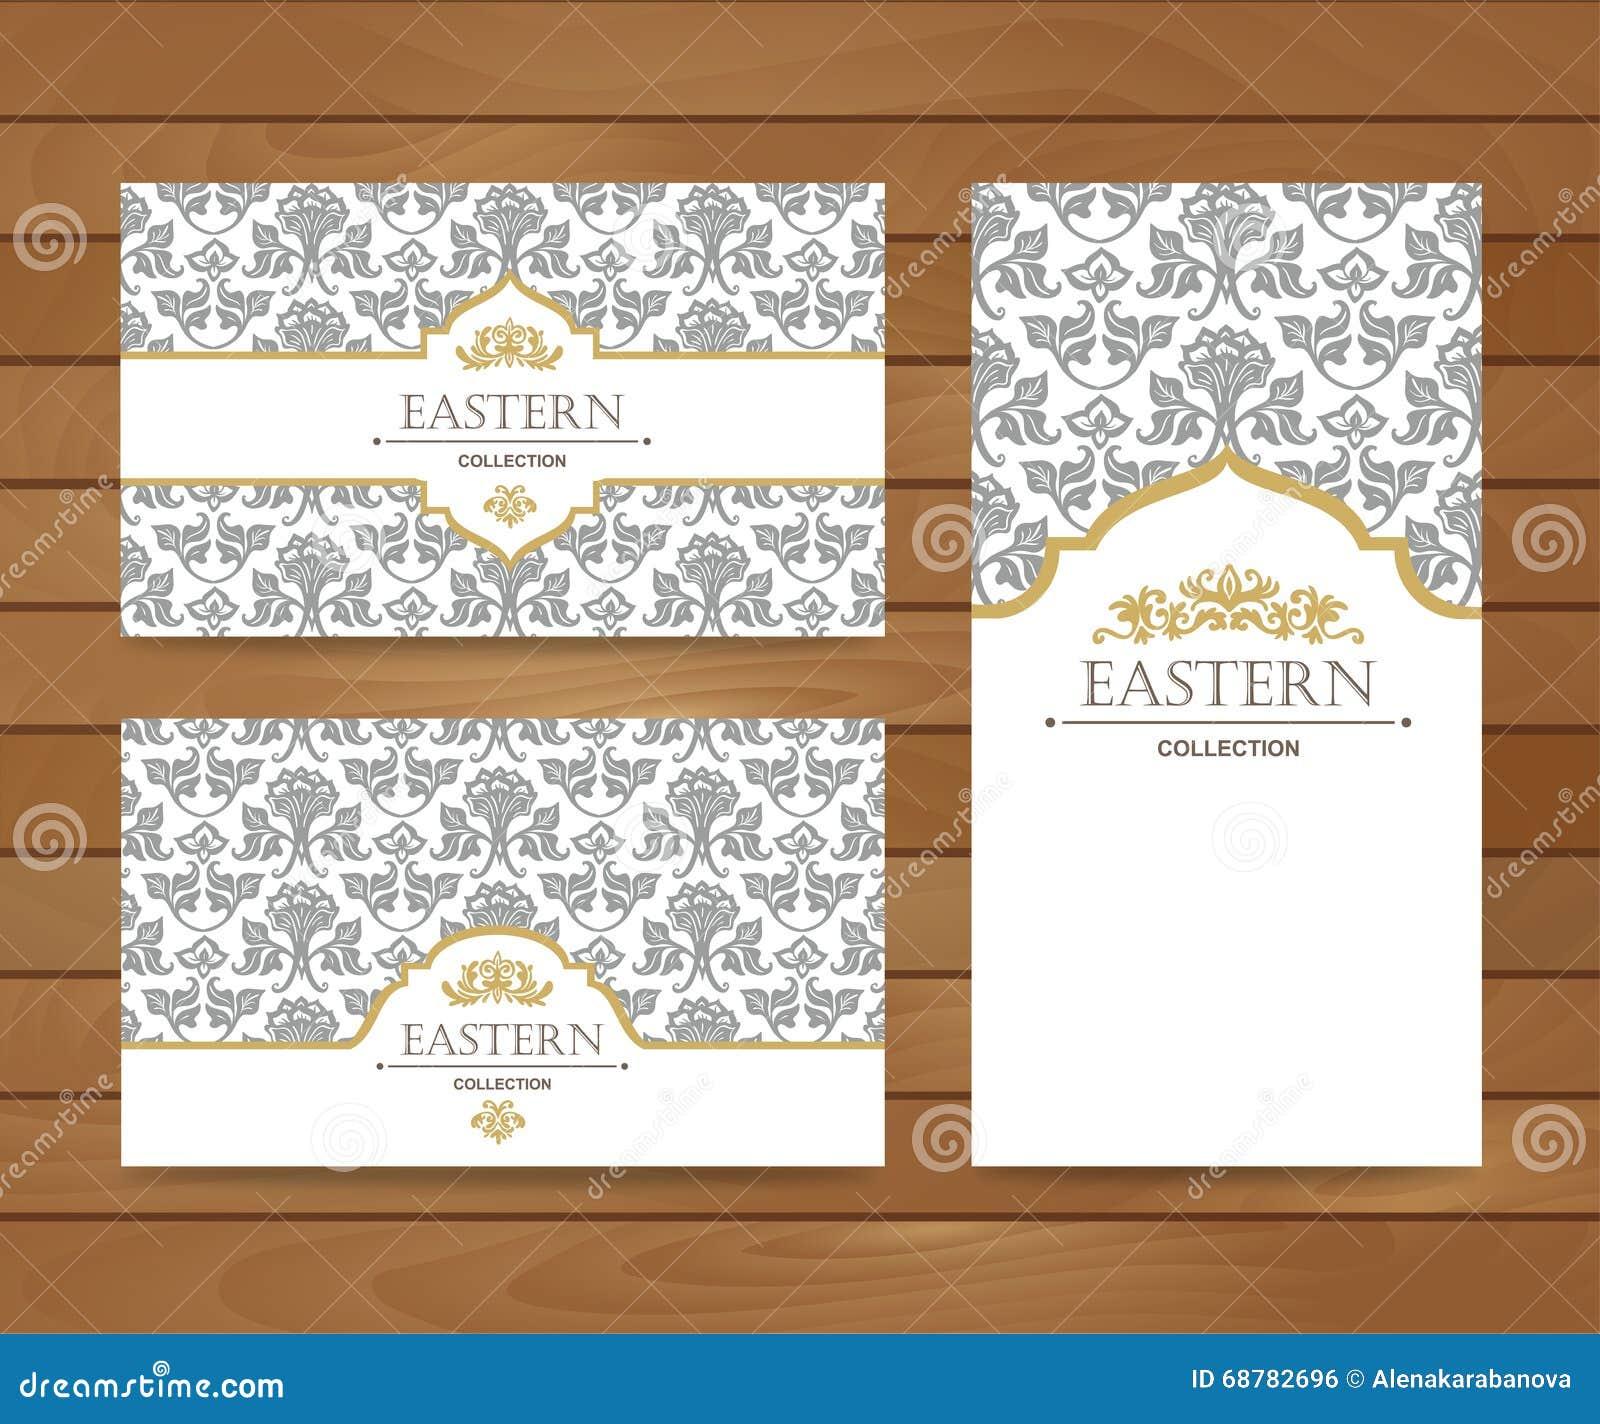 Design De Carte Vintage Pour La Voeux Invitation Banniere Visite Professionnelle Ensemble Retro Fond Oriental